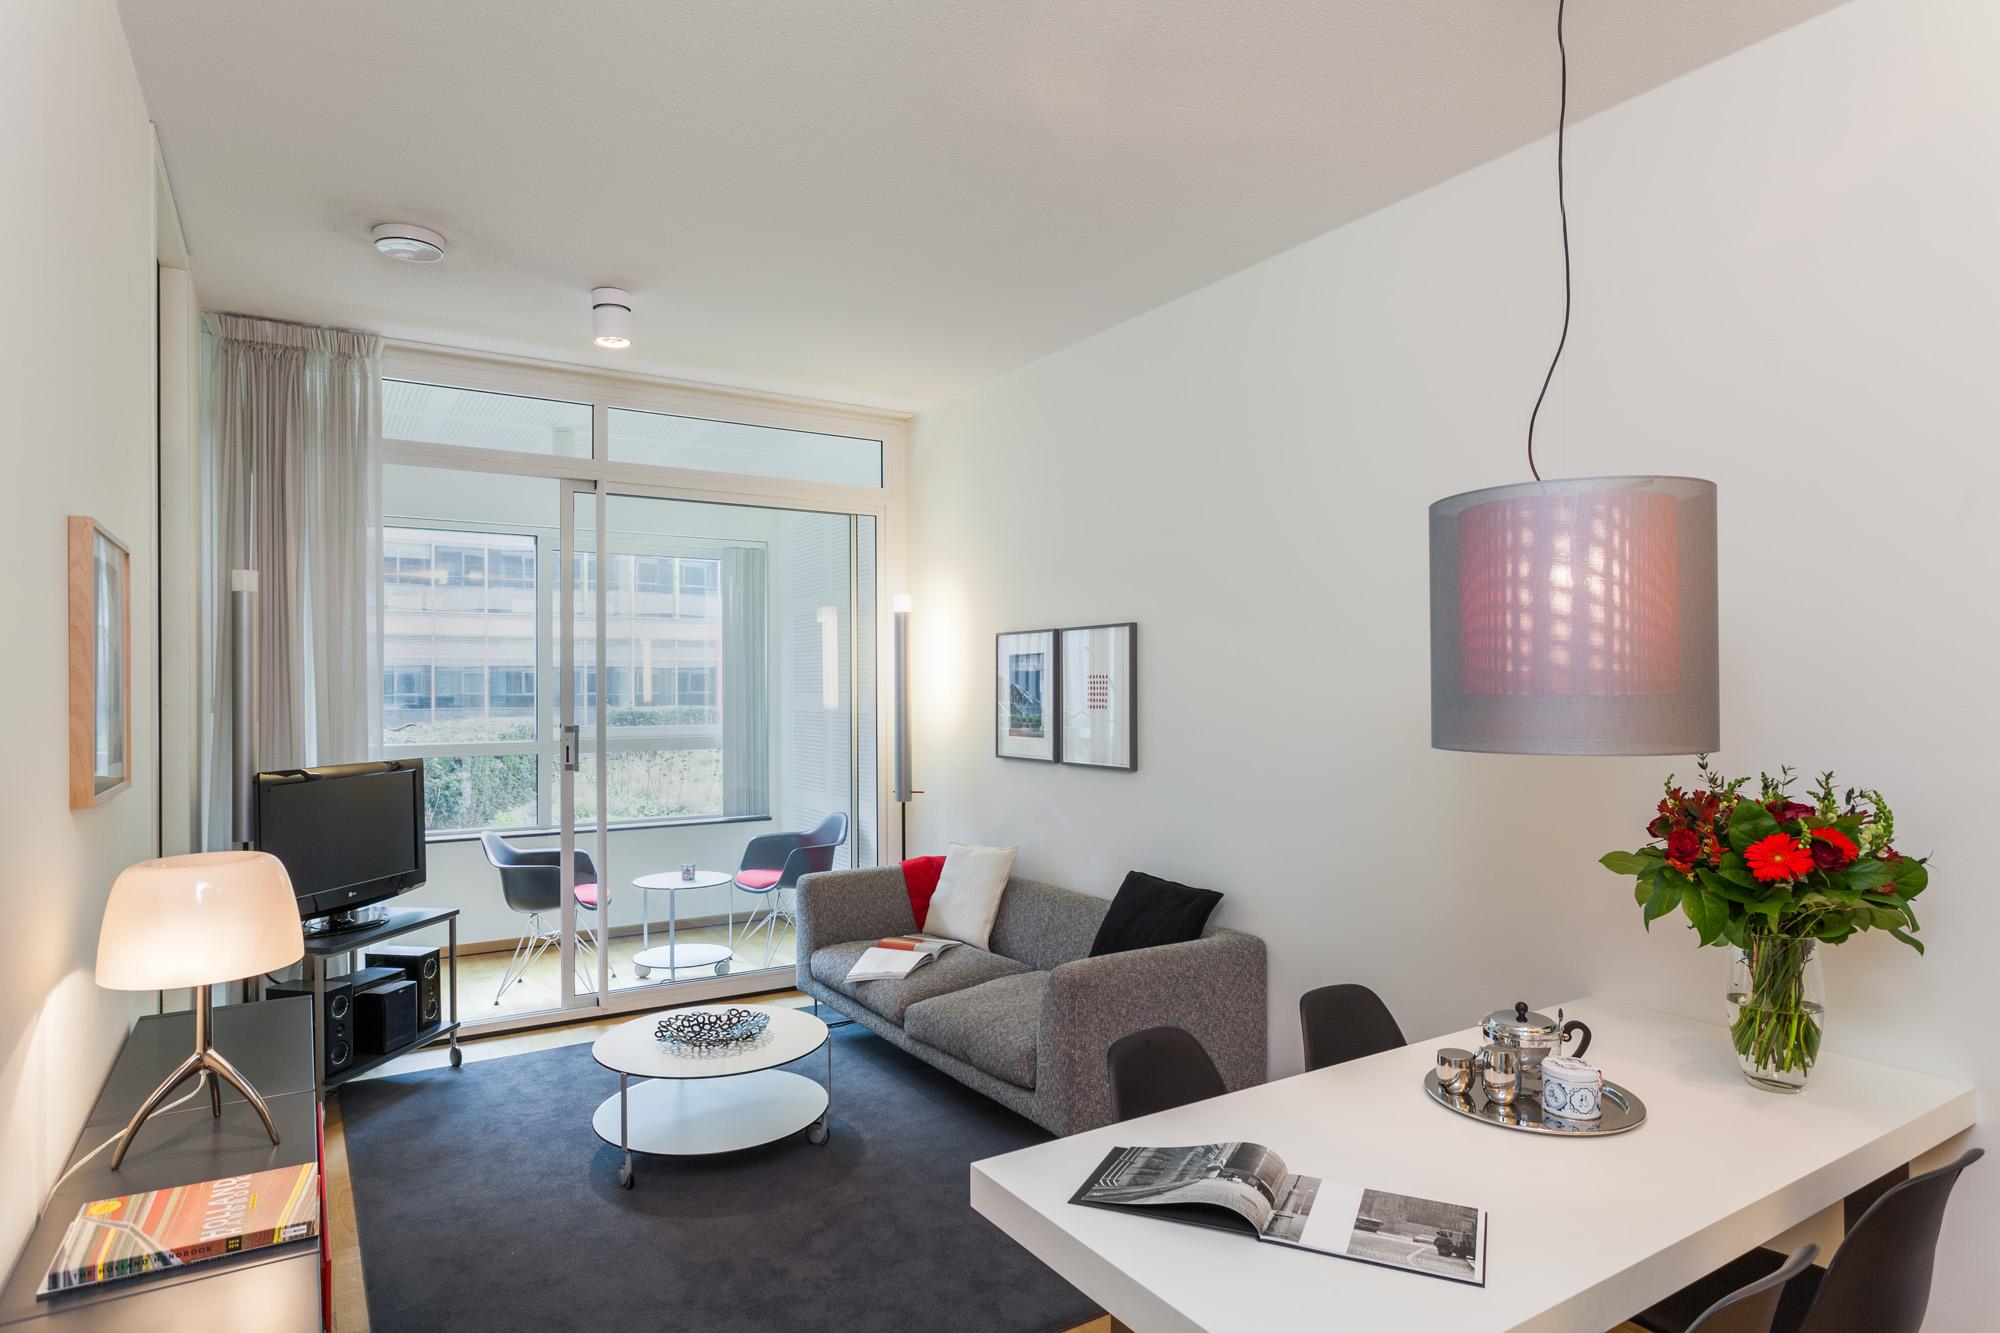 amsterdam-apartment-Amsterdam-studio-apartment-living-room